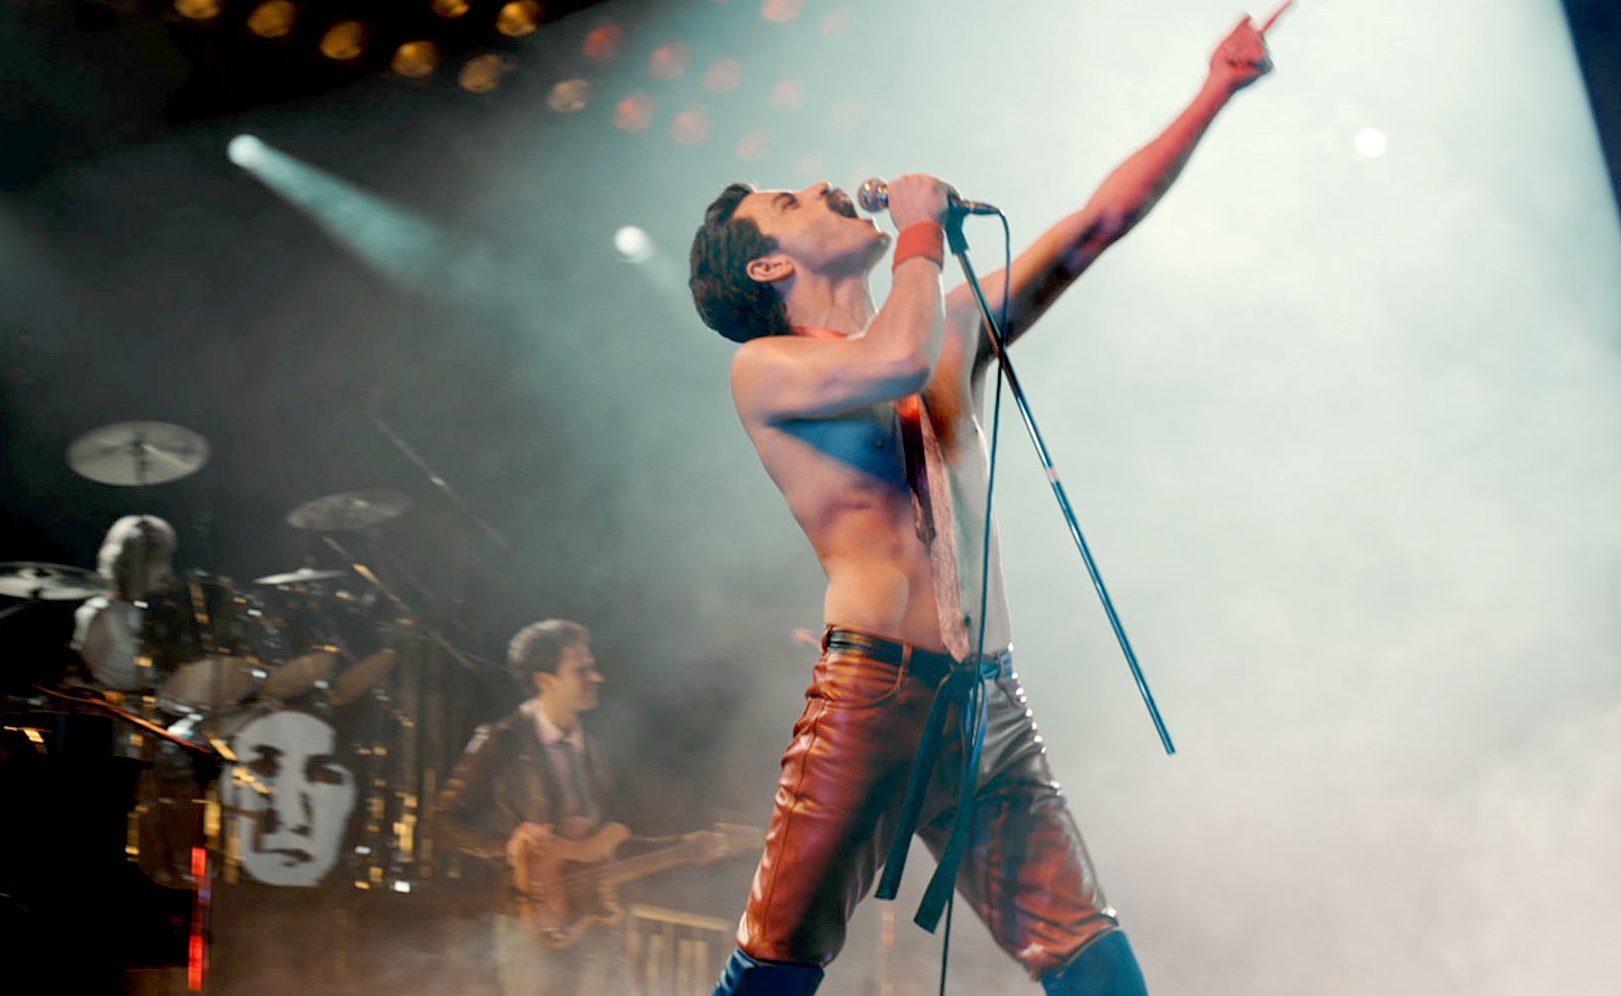 İzleyin: Rami Malek, 'Bohemian Rhapsody'nin İlk Fragmanında Göz Kamaştırdı!